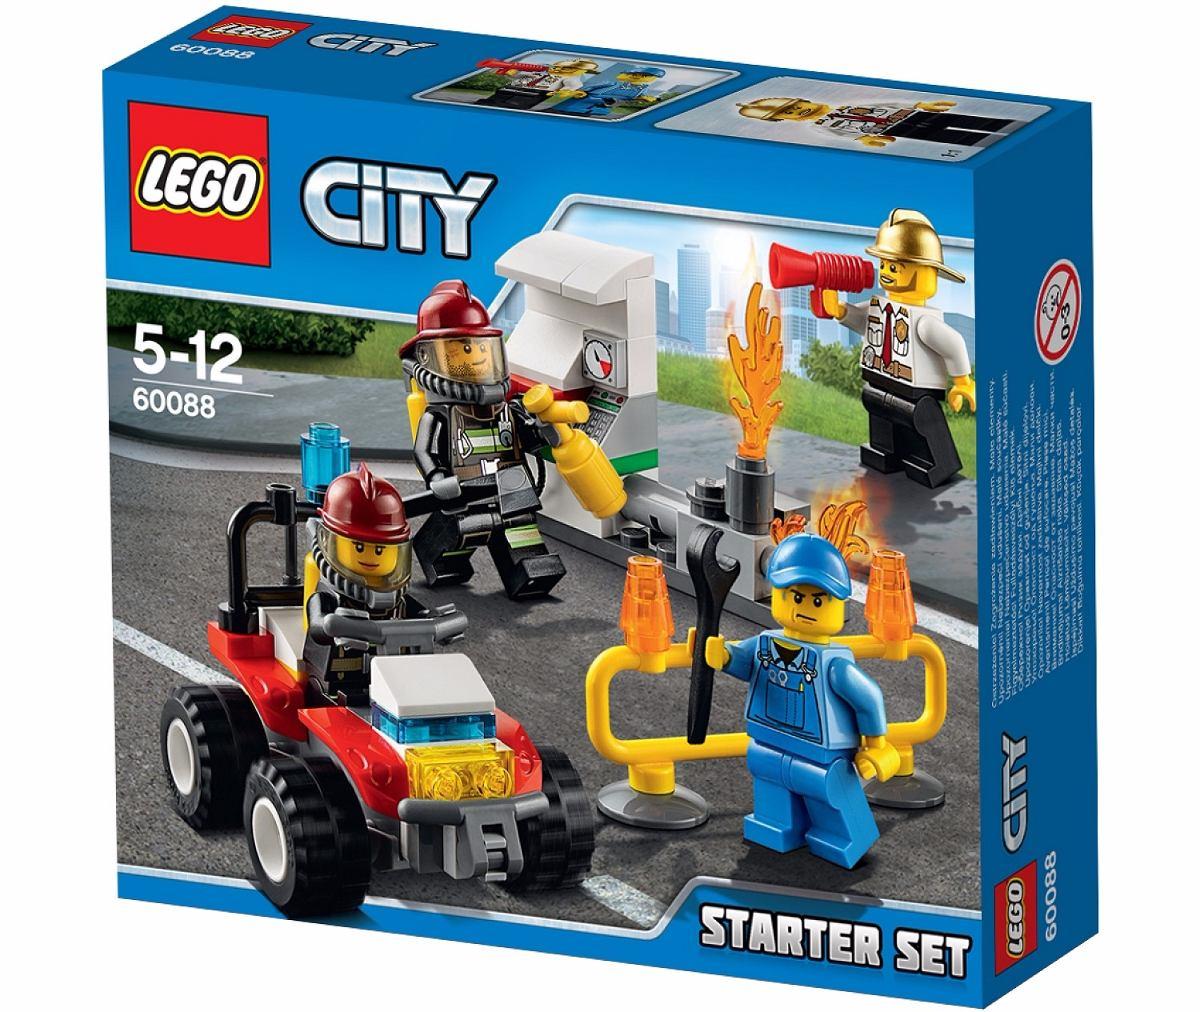 Lego City 60088 Bomberos Fire Starter Set  Mundo Manias   599